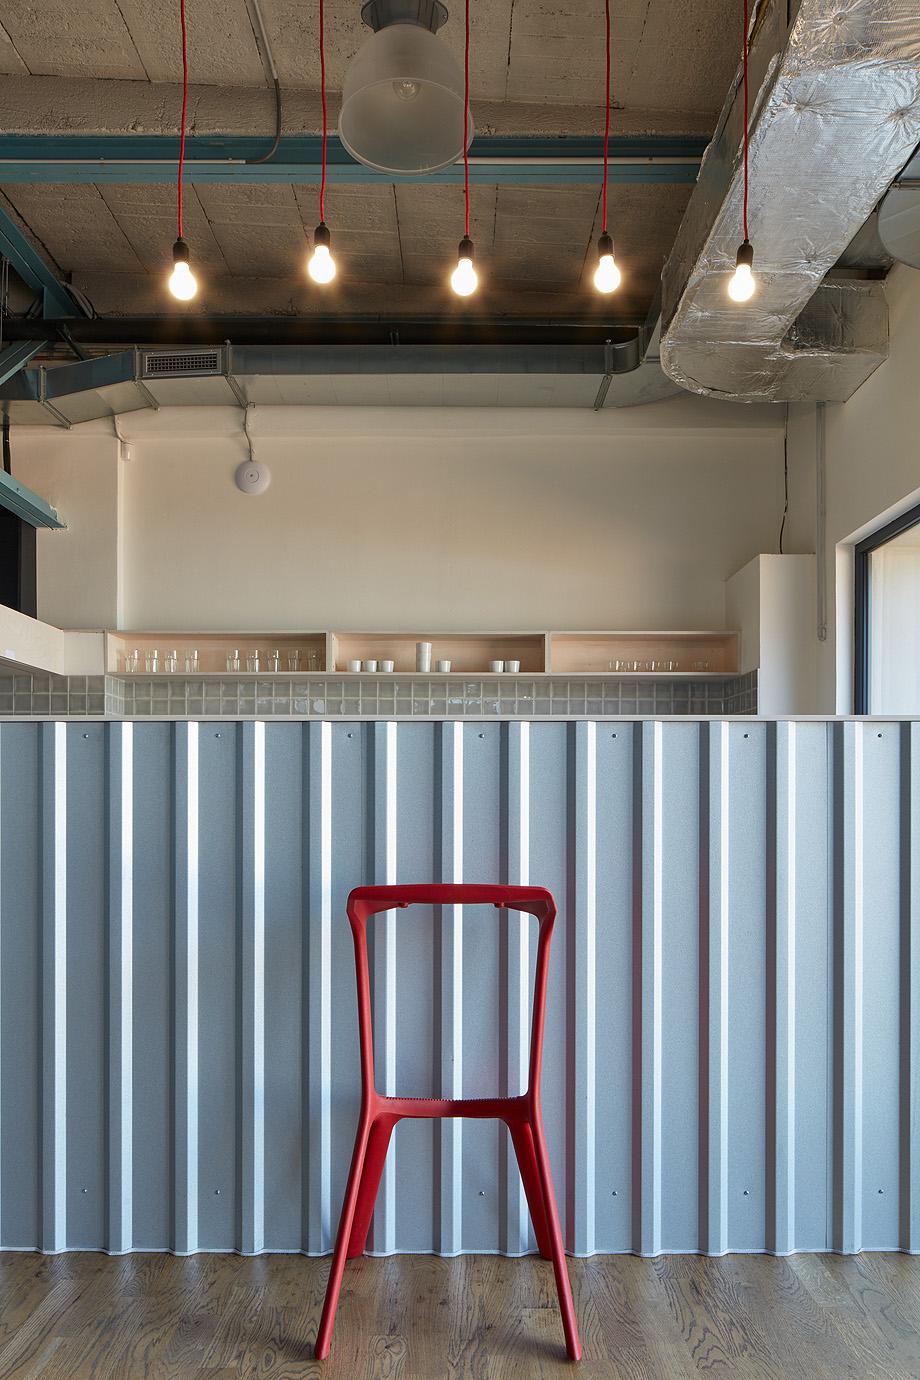 oficinas sinnerschrader por kurz architects - foto boysplaynice (27)